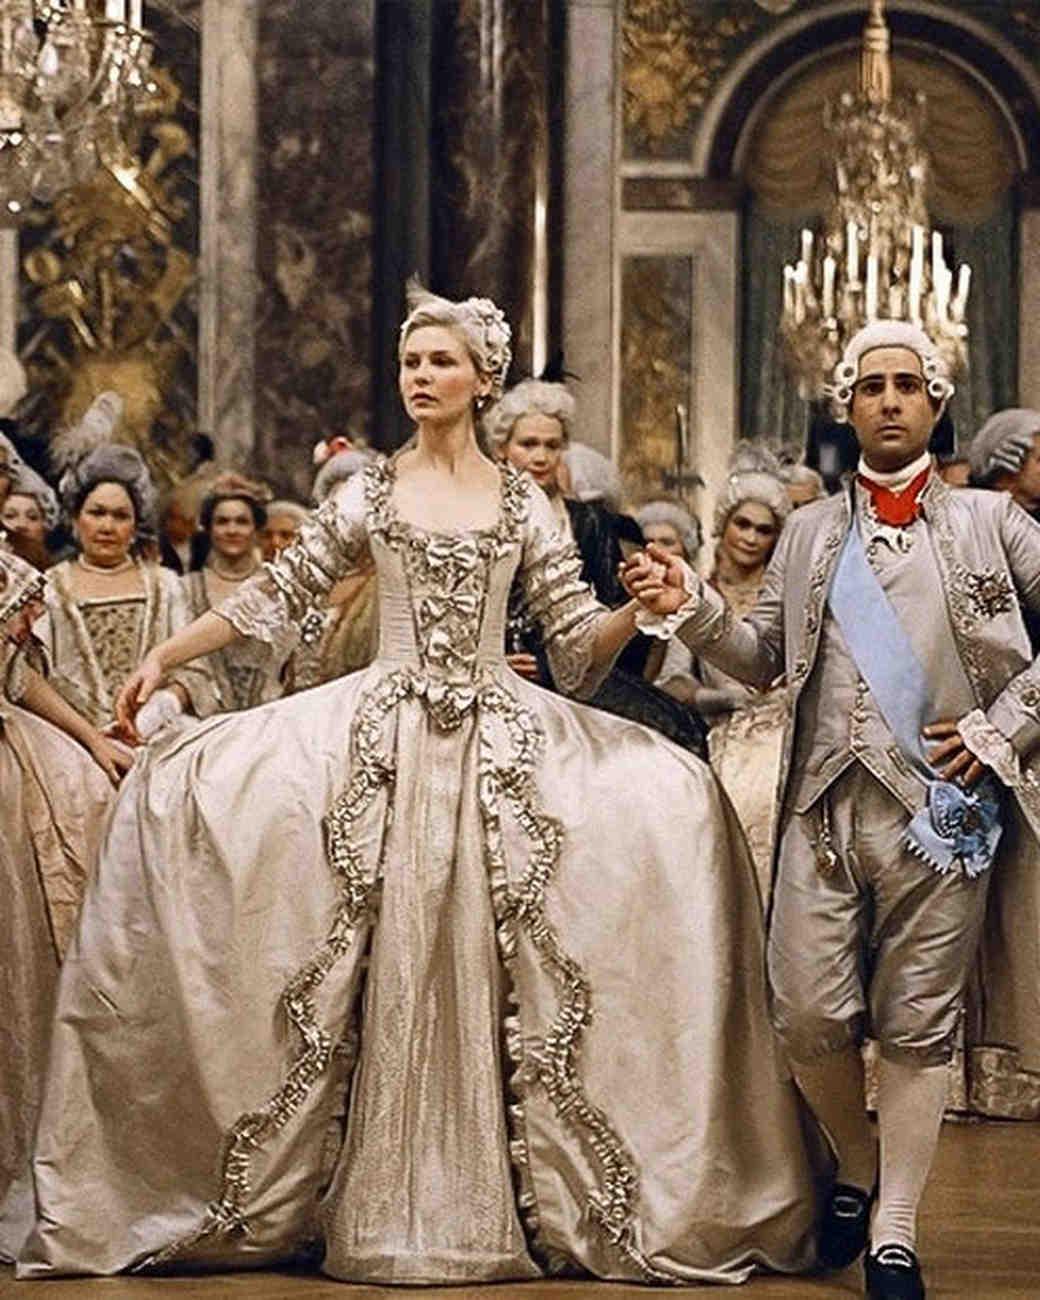 movie-wedding-dresses-marie-antoinette-kirsten-dunst-0316.jpg